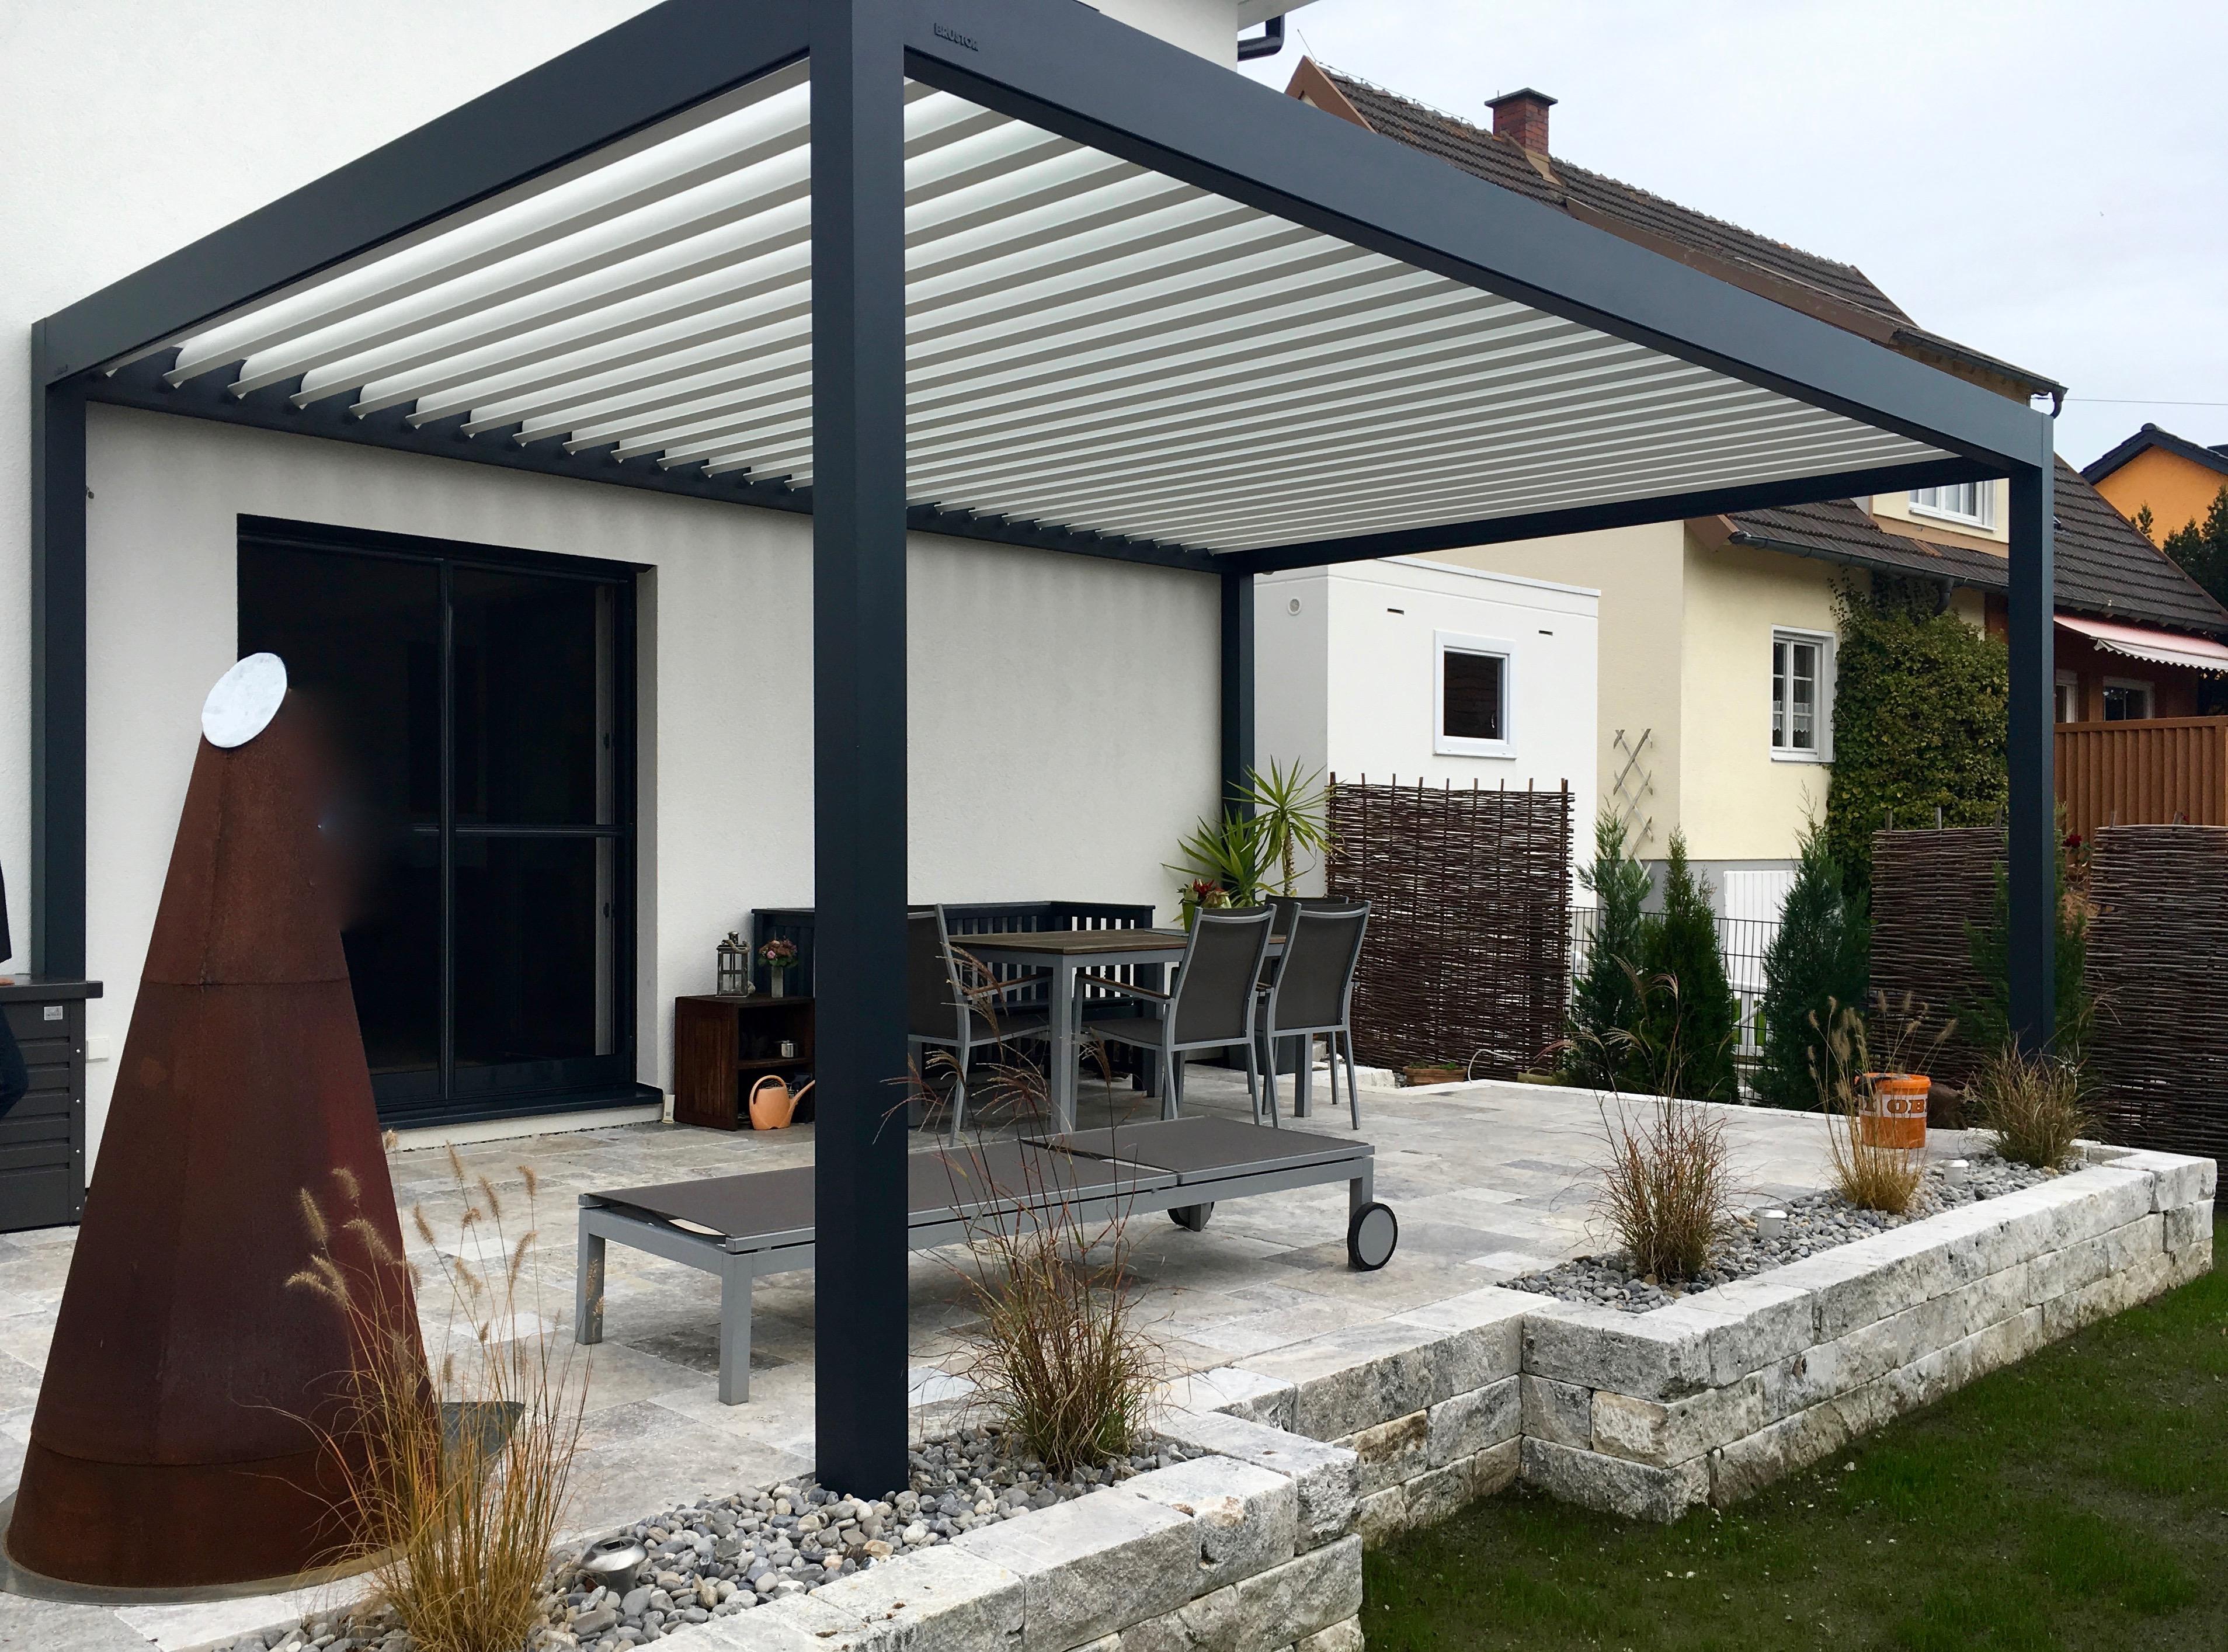 lamellendach b150 kleine lamellen und aufgesetzte. Black Bedroom Furniture Sets. Home Design Ideas